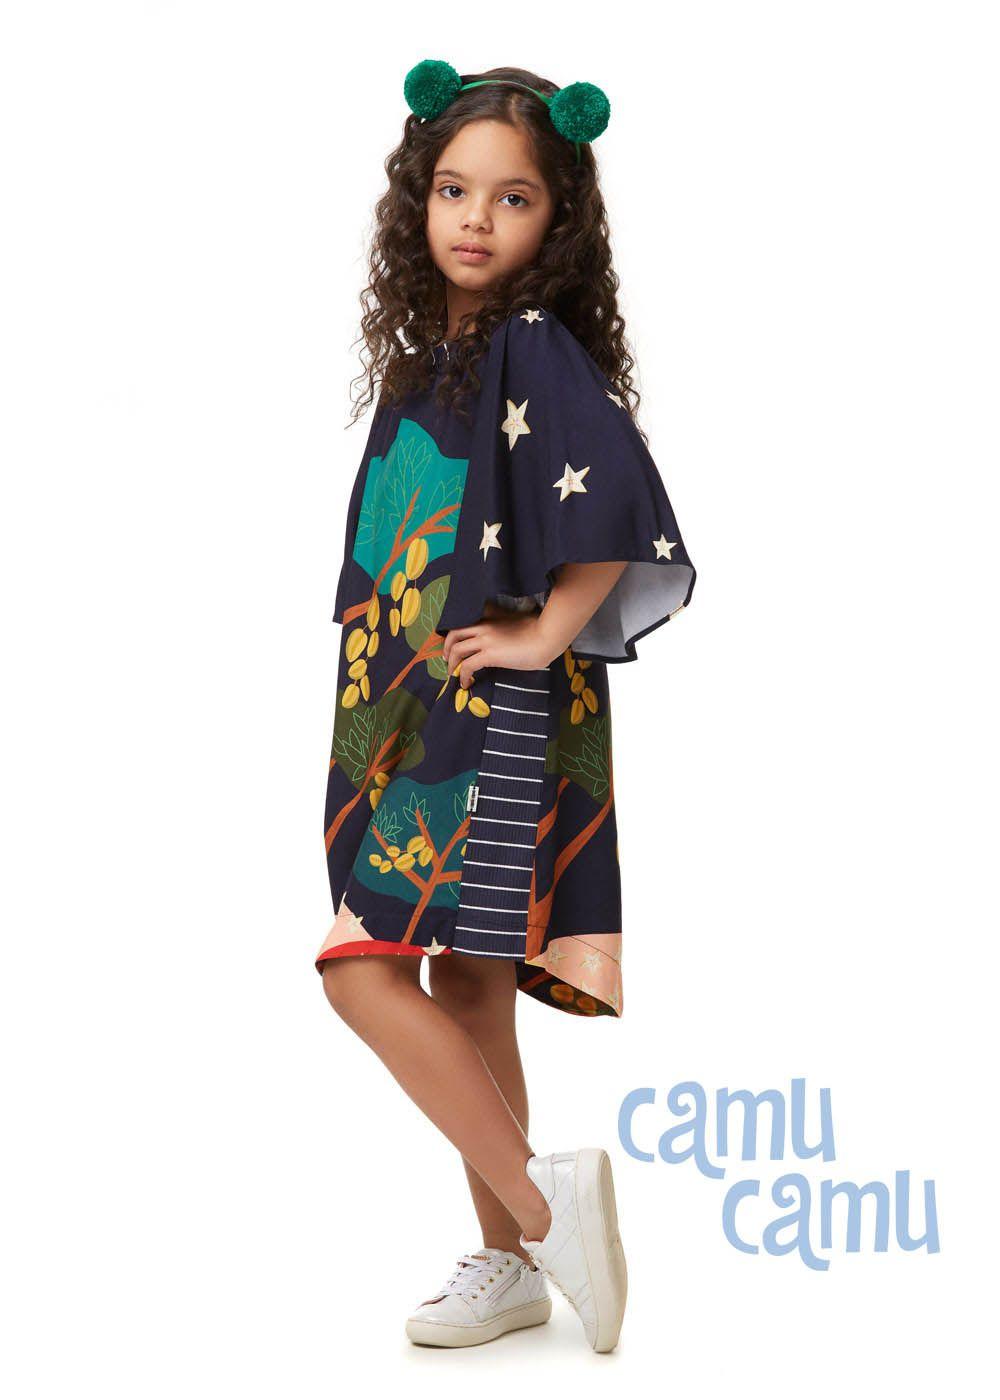 Vestido Camu Camu Curto Feminino Infantil Carambolas